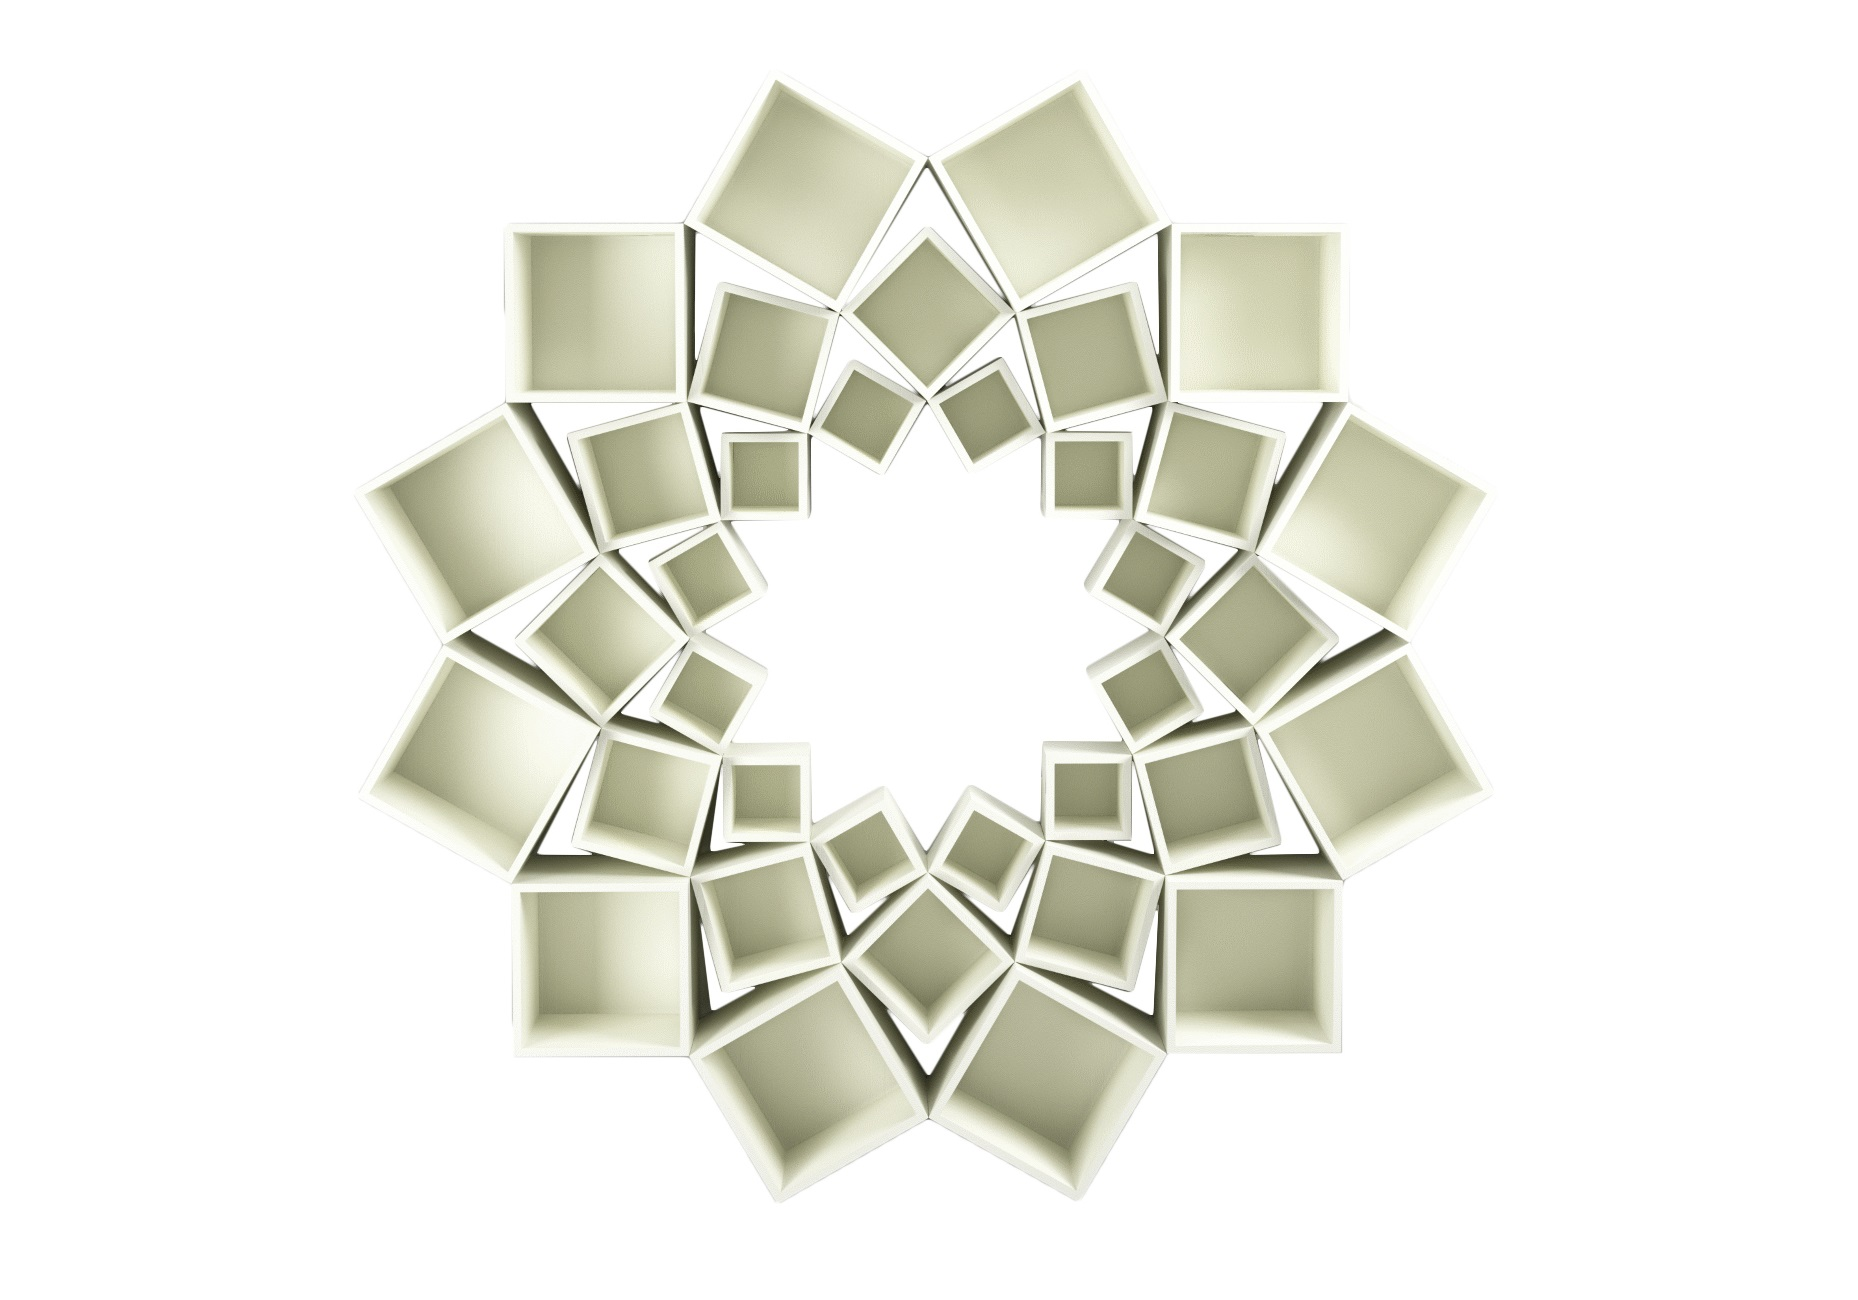 Стеллаж Лотос 3 кругаСтеллажи и этажерки<br>&amp;lt;div&amp;gt;Потрясающий стеллаж из трех кругов квадратов!&amp;amp;nbsp;&amp;lt;/div&amp;gt;&amp;lt;div&amp;gt;&amp;lt;br&amp;gt;&amp;lt;/div&amp;gt;&amp;lt;div&amp;gt;Материал: МДФ, шпон&amp;amp;nbsp;&amp;lt;/div&amp;gt;<br><br>Material: МДФ<br>Высота см: 210.0<br>Глубина см: 30.0